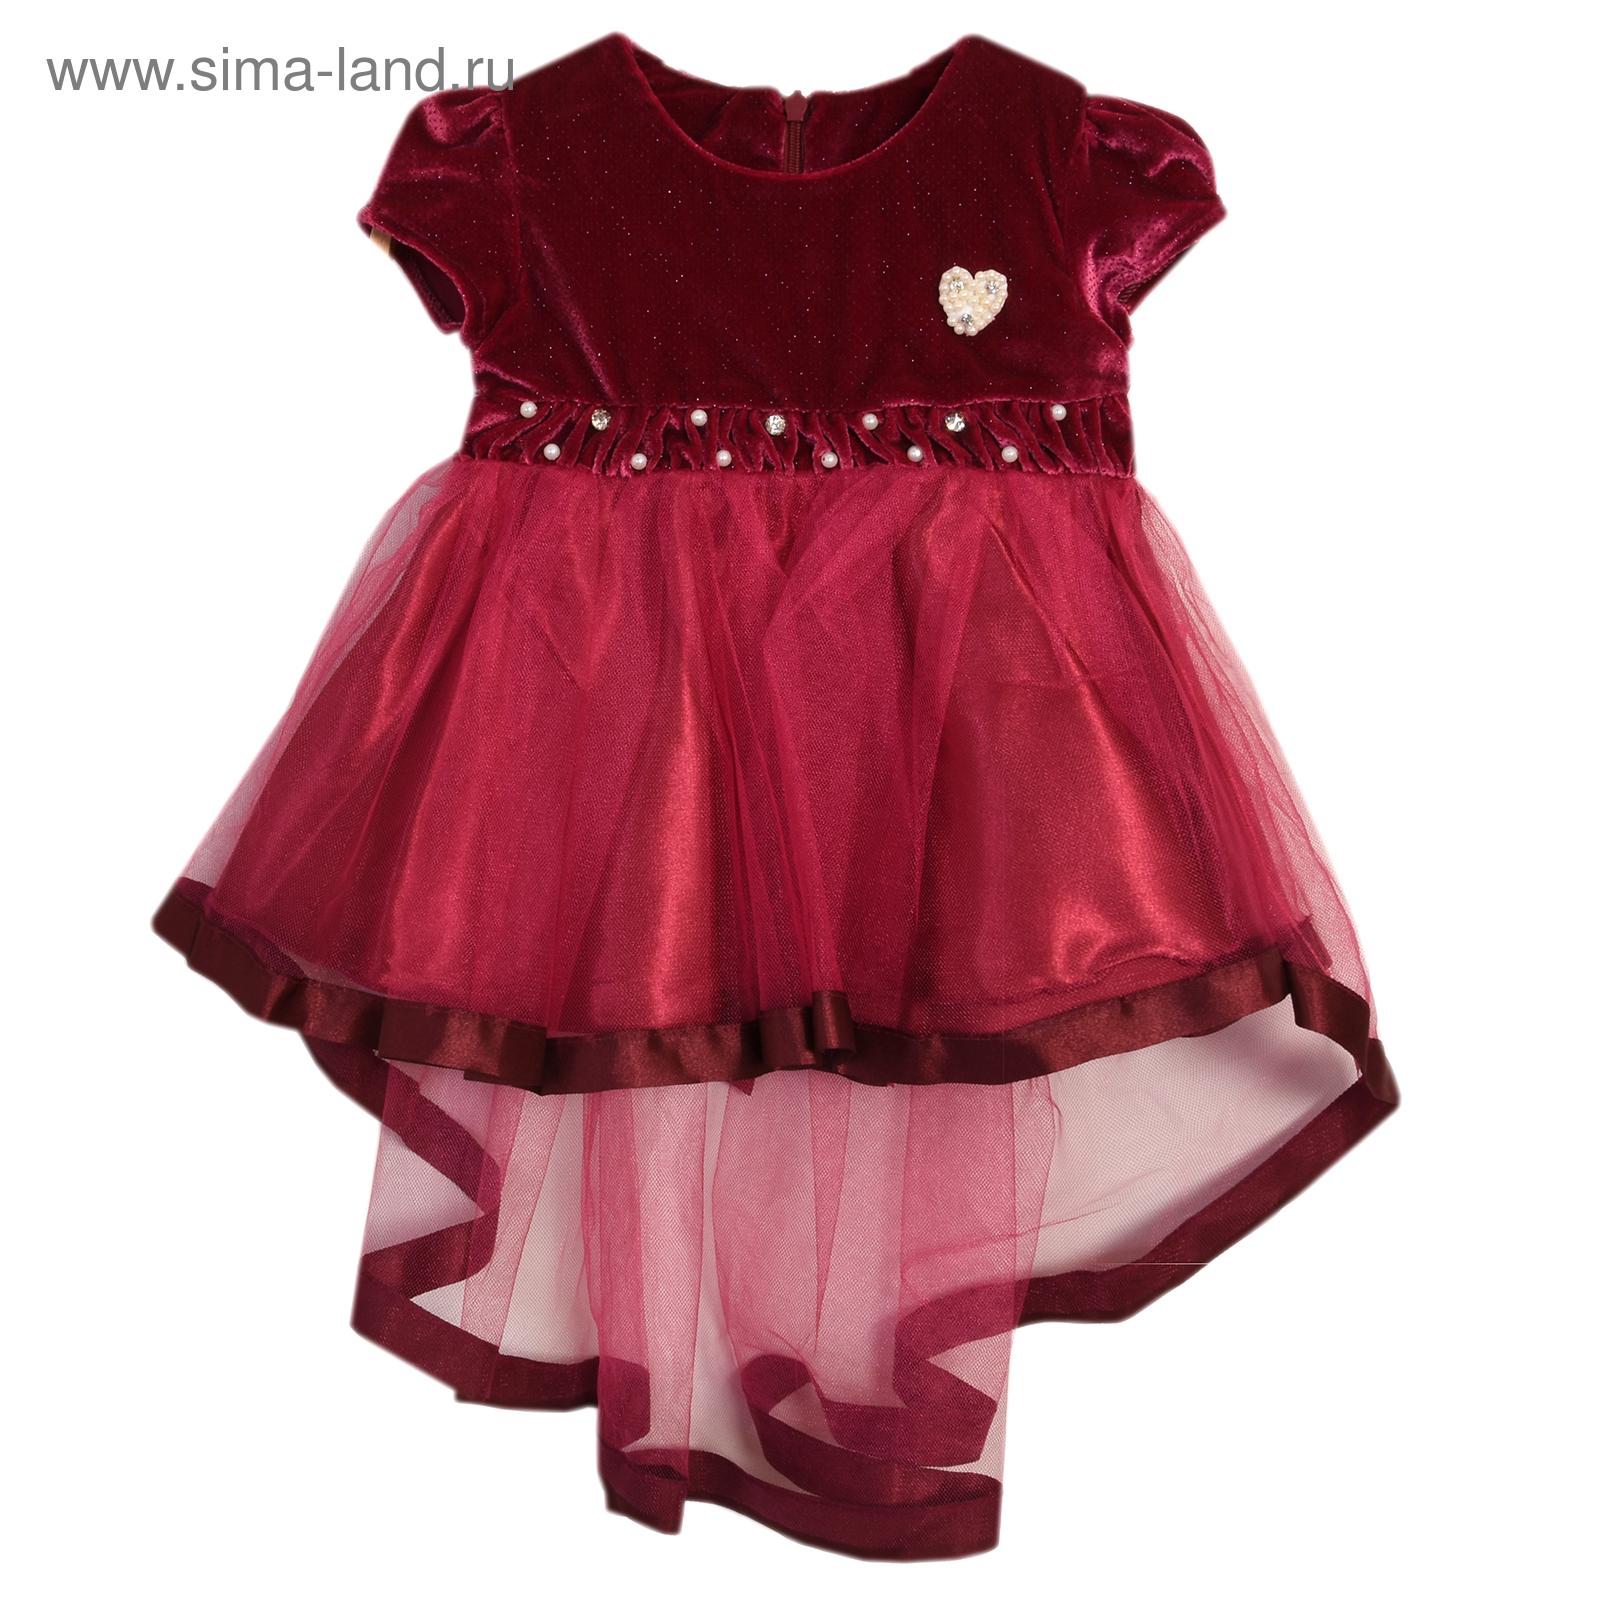 9c26f8649da Нарядное платье для девочки